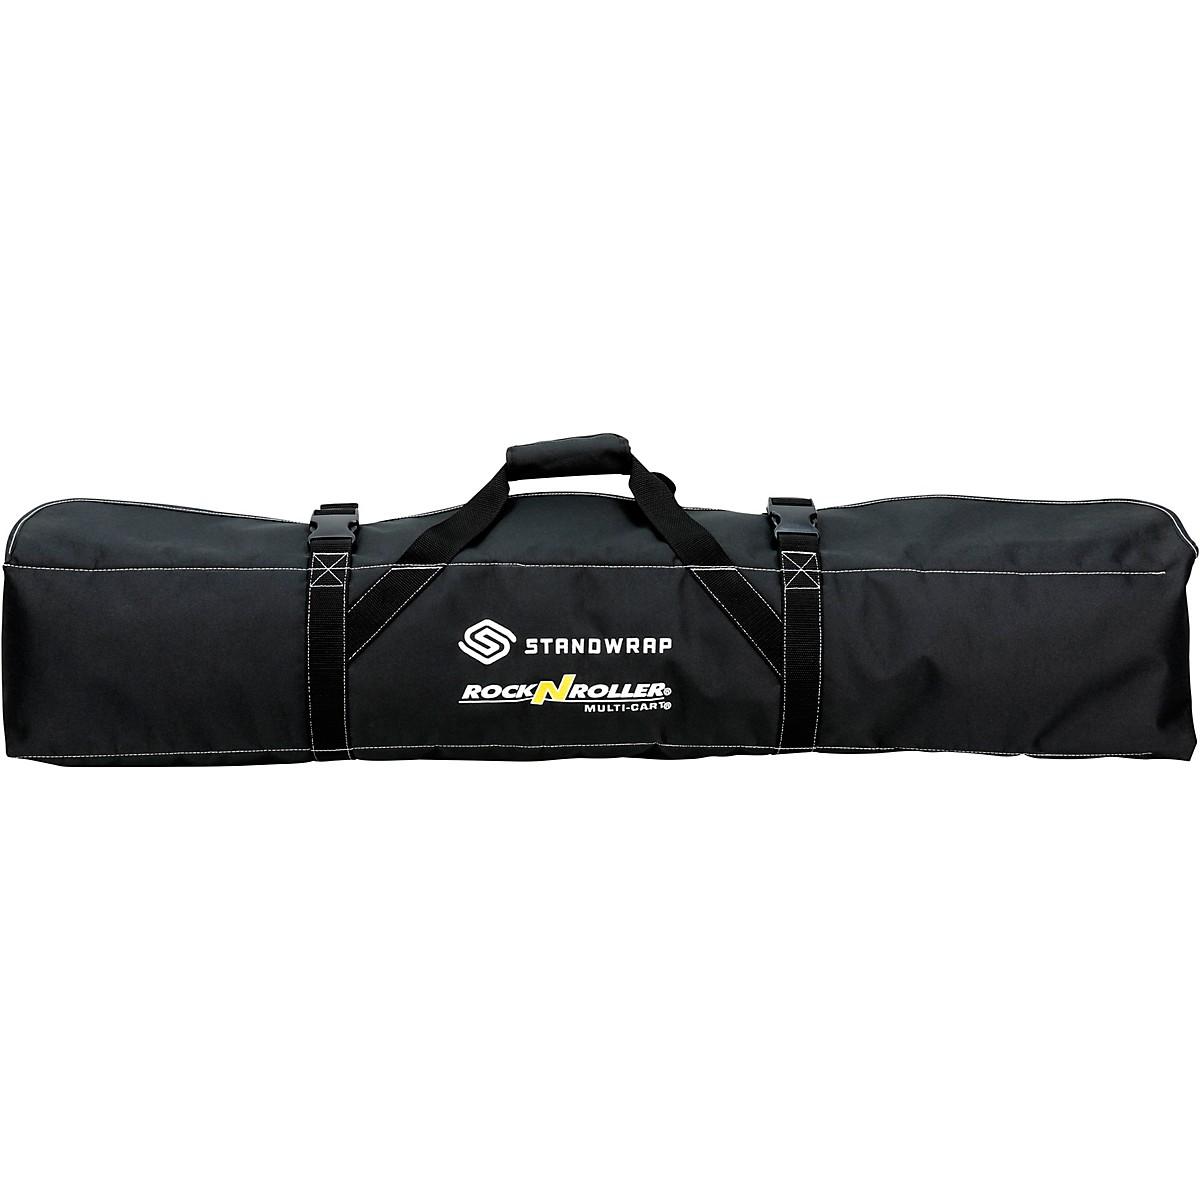 Rock N Roller RSA-SWLG Standwrap 4-Pocket Roll-Up Accessory Bag - Large (42 in. Pocket Length)